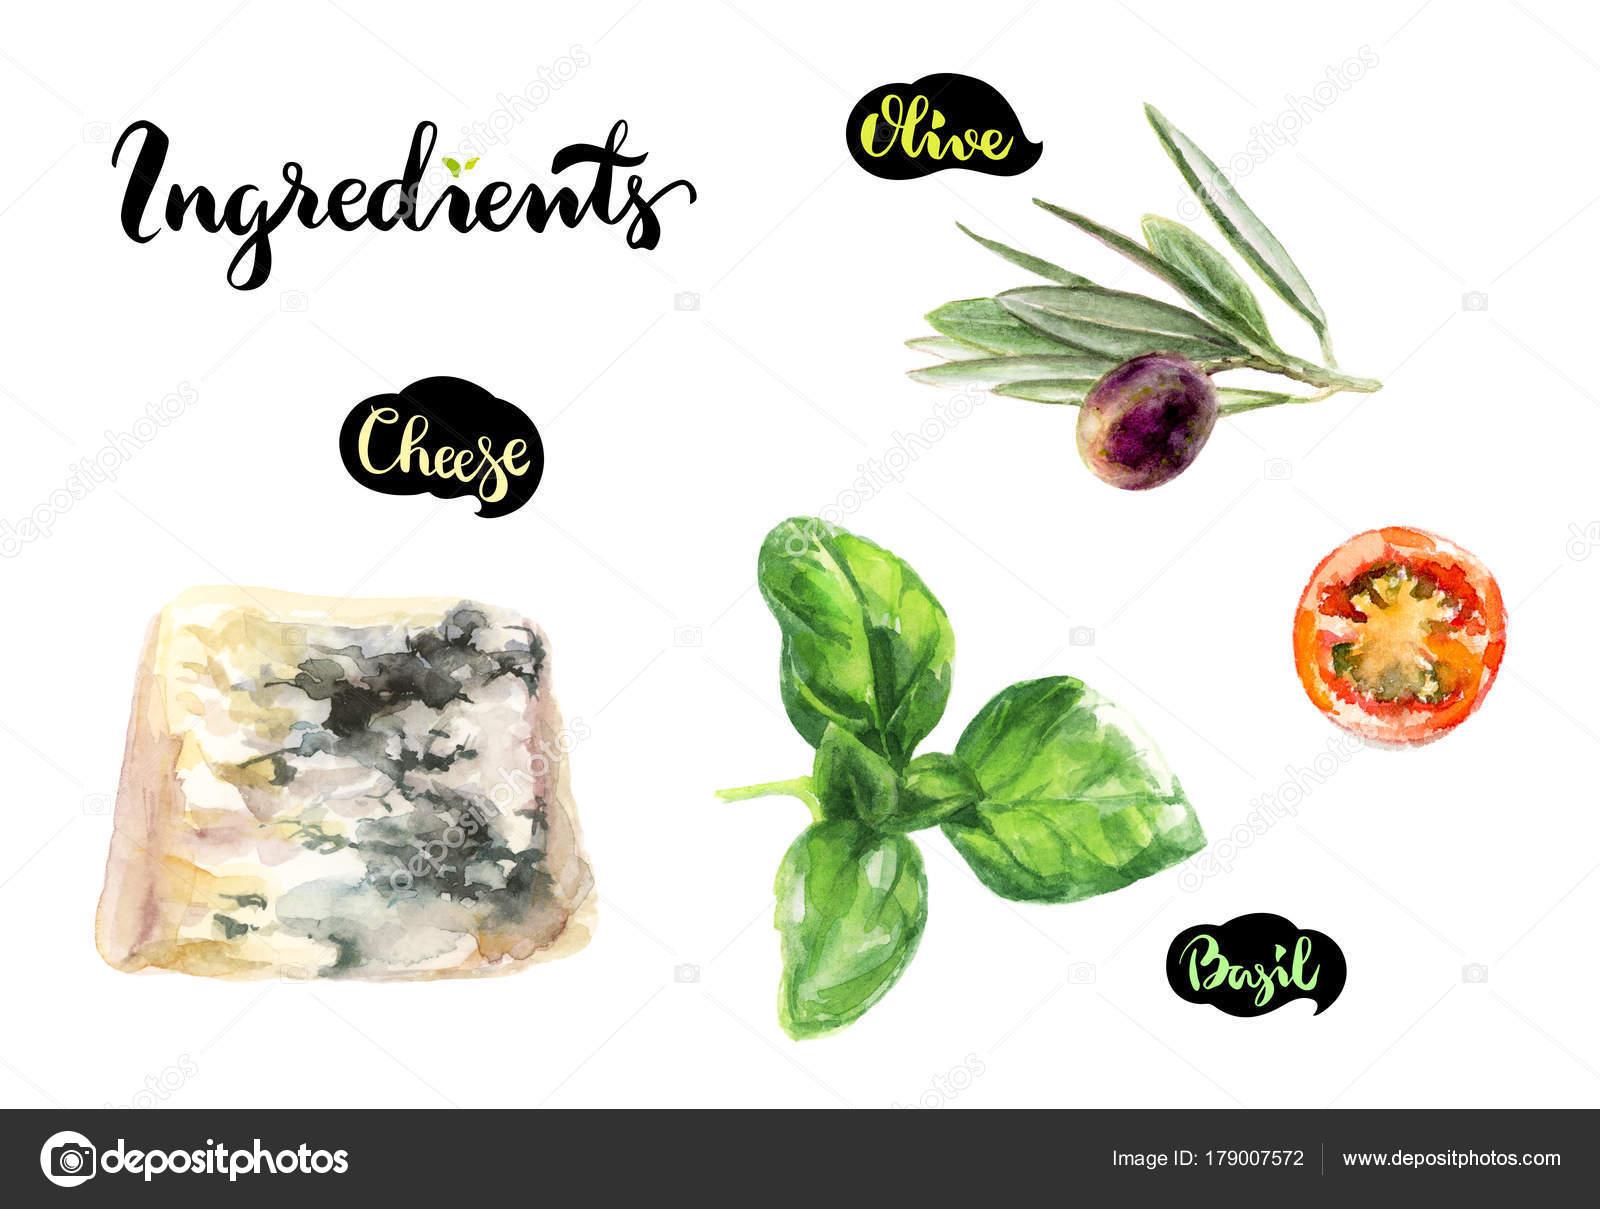 kitchen herb kit brass hardware 奶酪蓝色樱桃番茄水彩手绘插图在白色背景下隔离厨房配料套装 图库照片